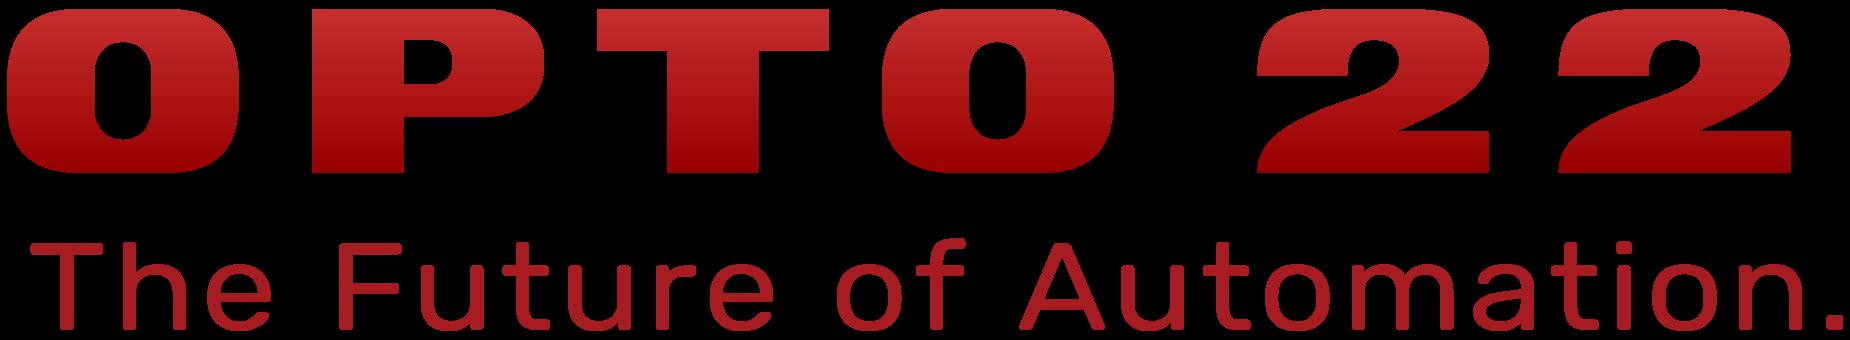 Opto22_logo_2018_wTagline_gradient